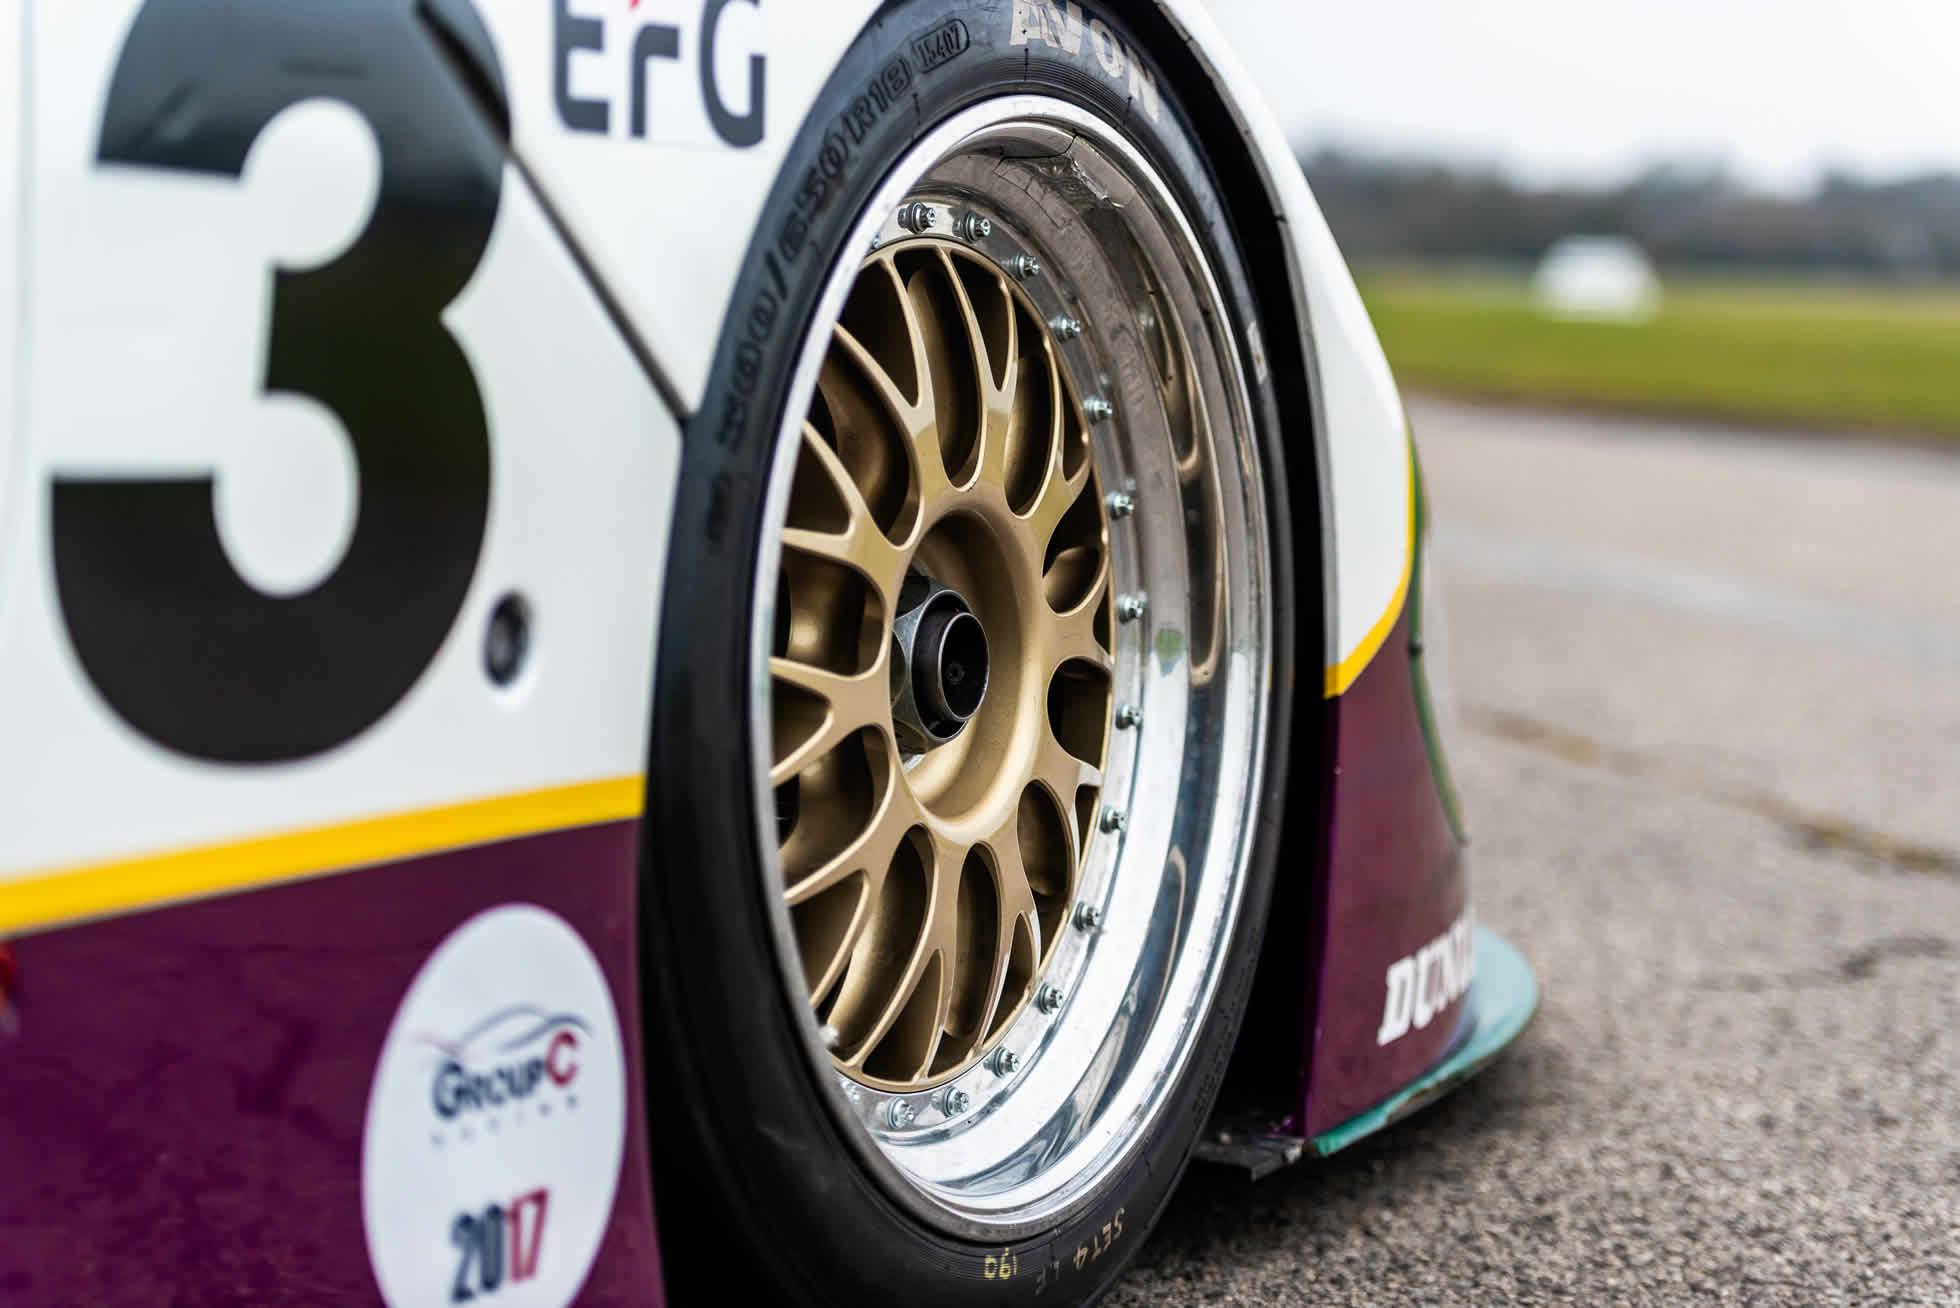 Fir Sale 1990 Jaguar XJR-12 wheels